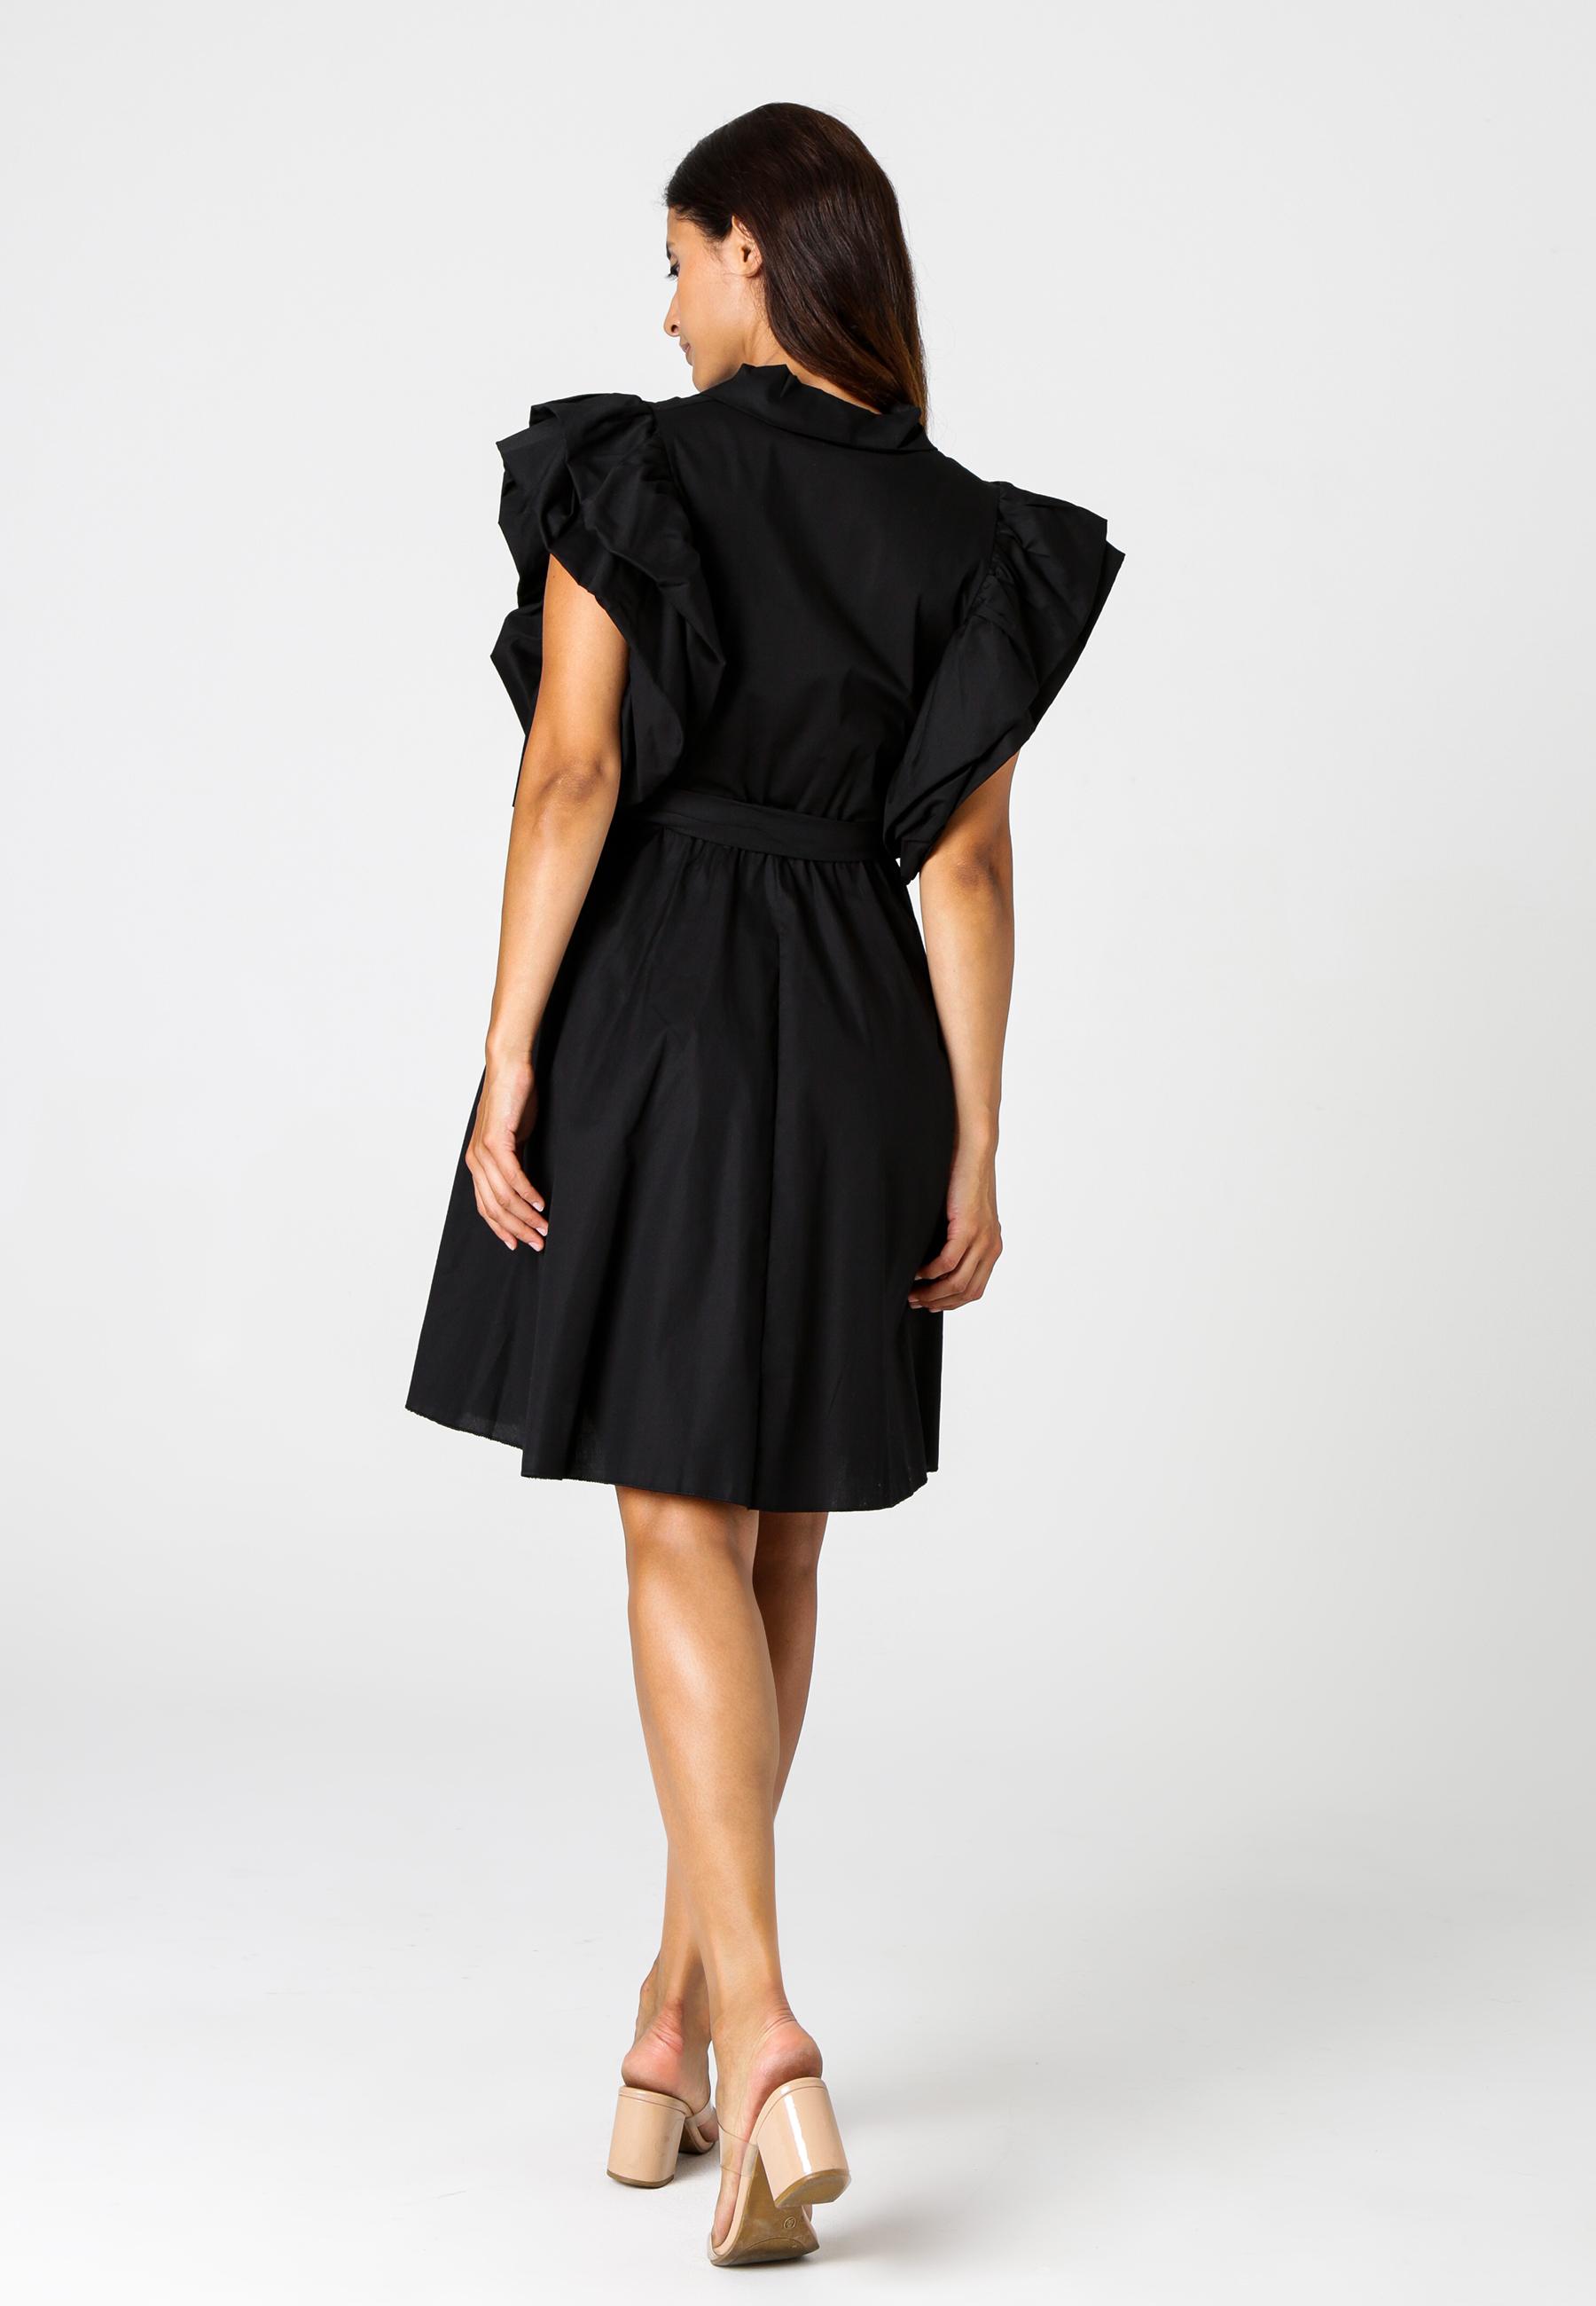 MiaZAYA Kleid mit Kragen